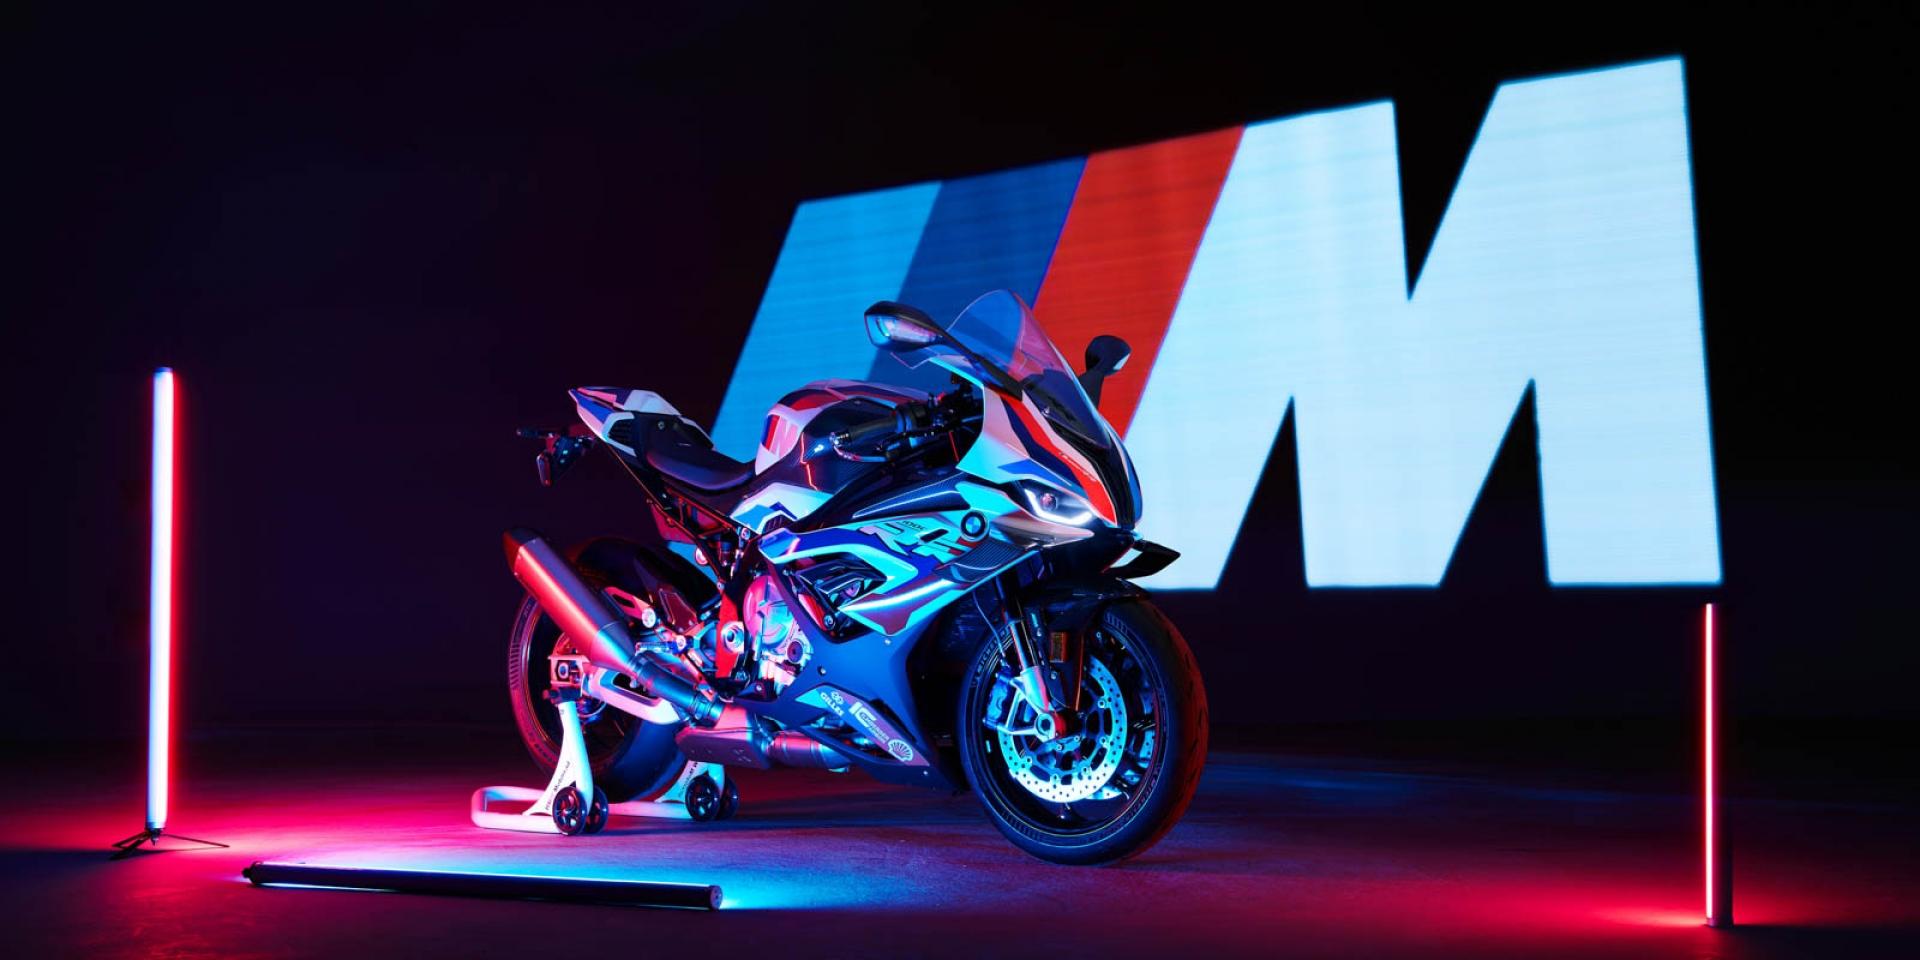 馬力增加5HP、碳纖維小翅膀。BMW「M 1000 RR」199萬預購中!